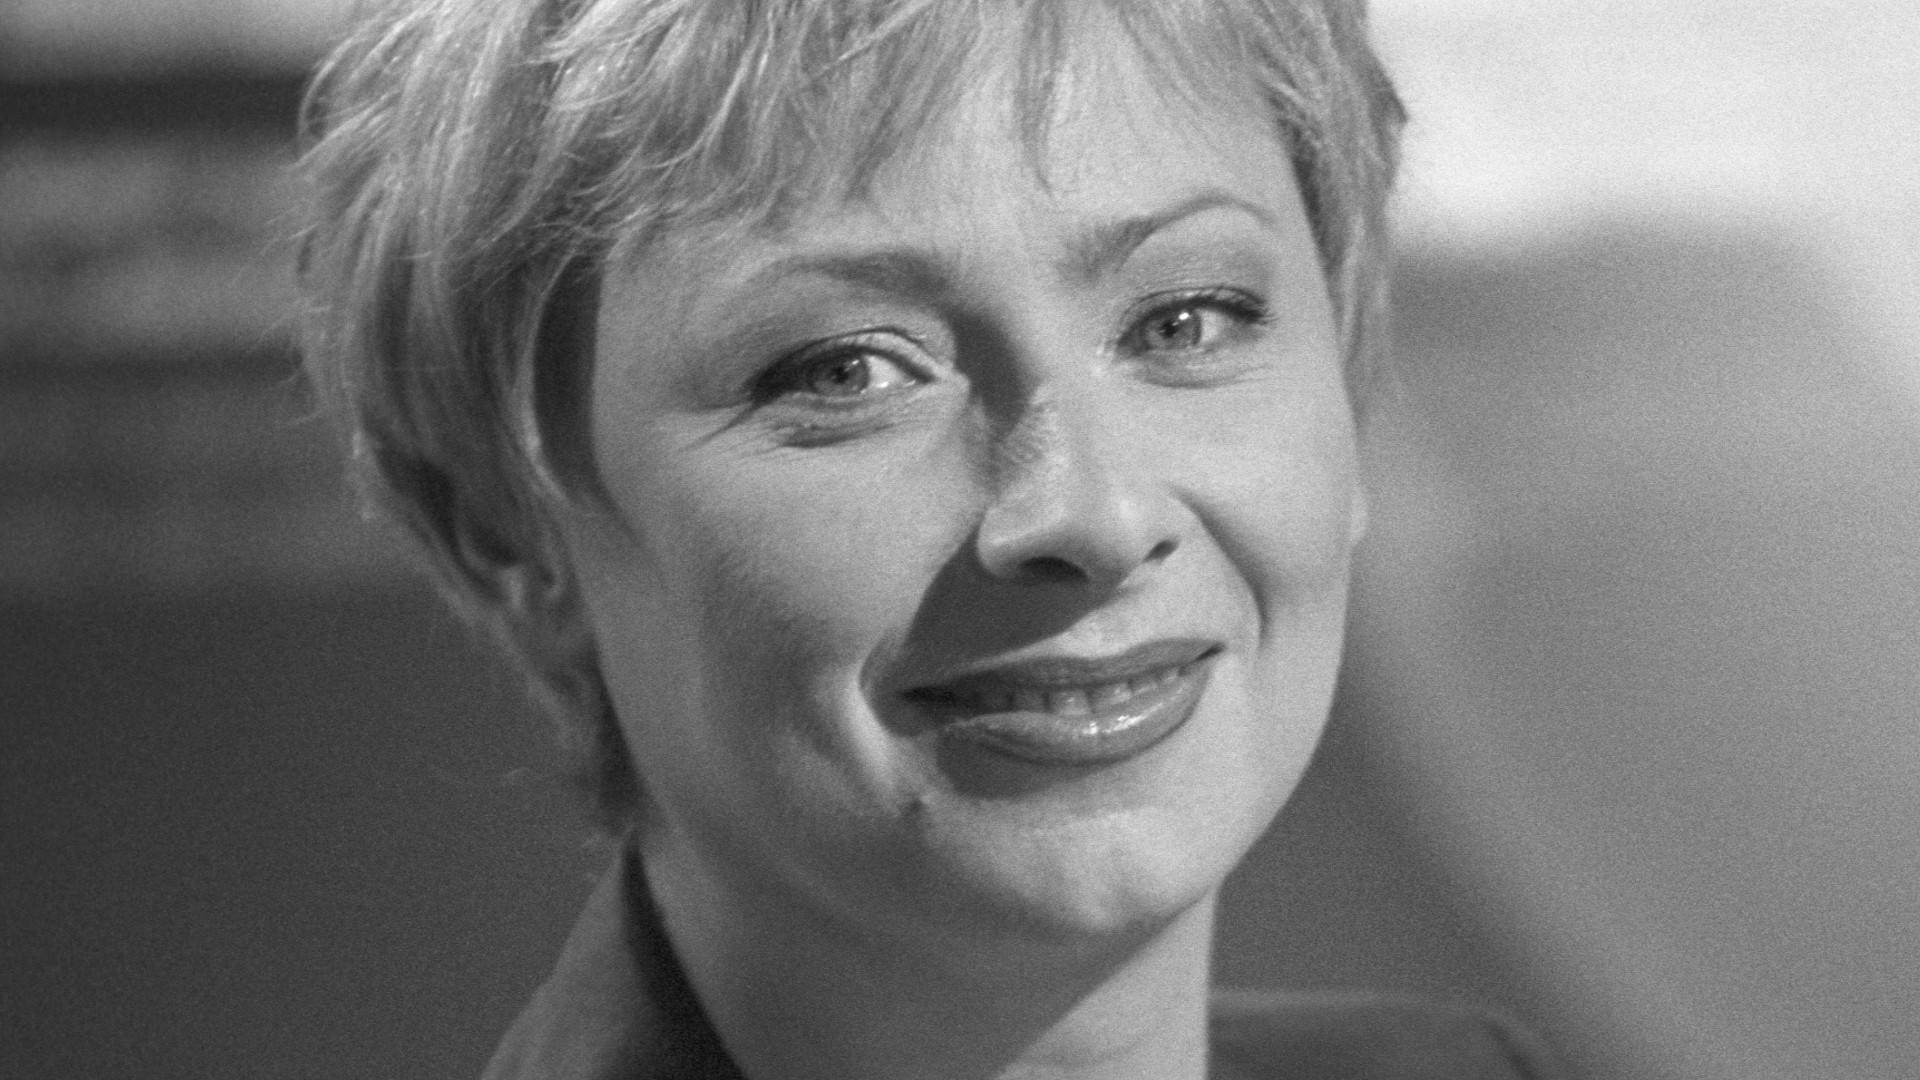 Prokuratura zbada sprawę śmierci prezenterki Agnieszki Dymeckiej